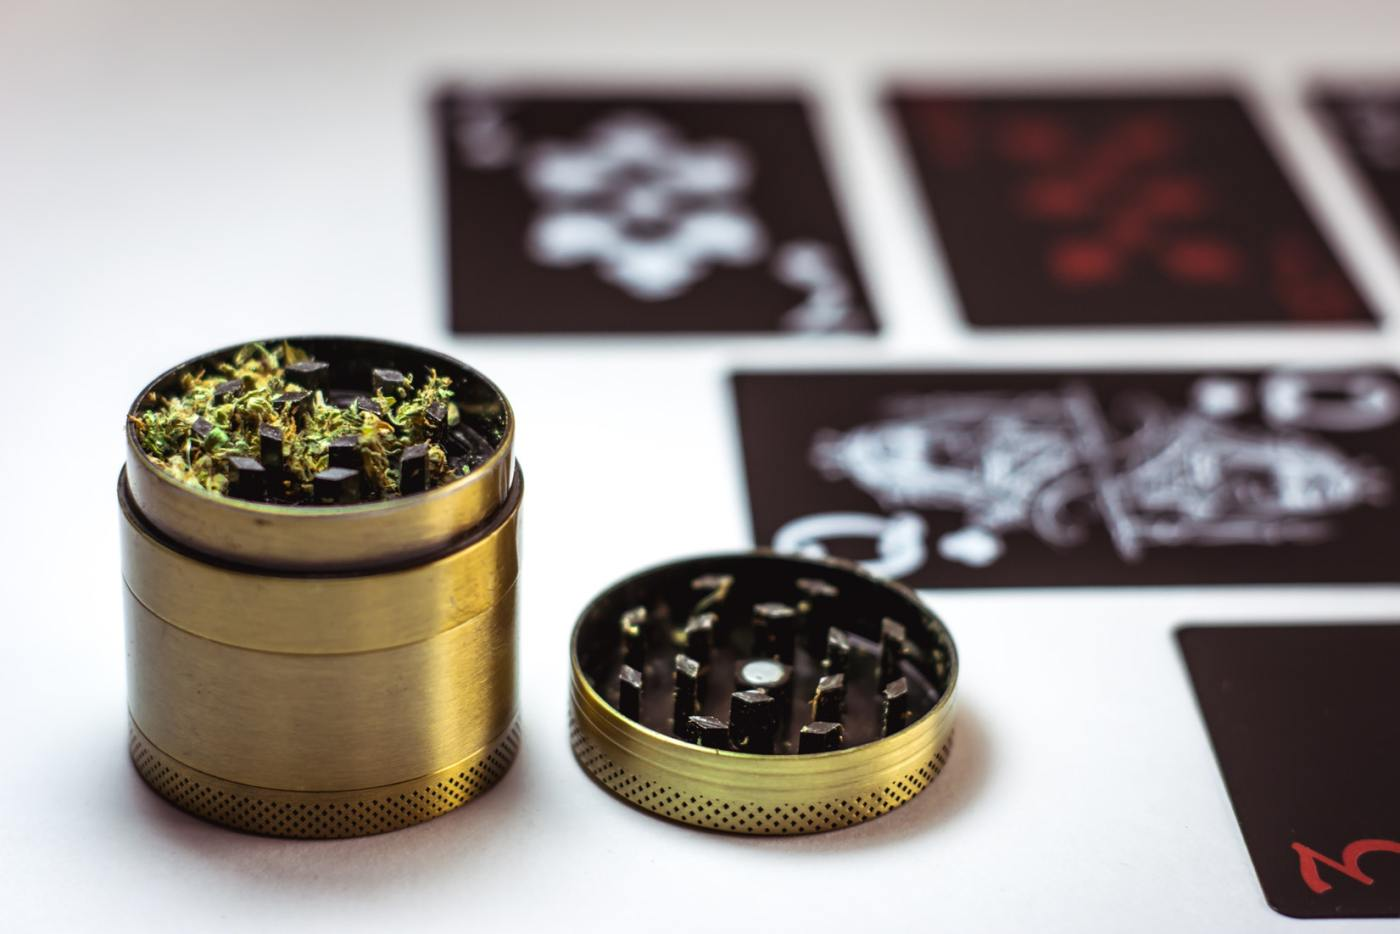 weed grinder